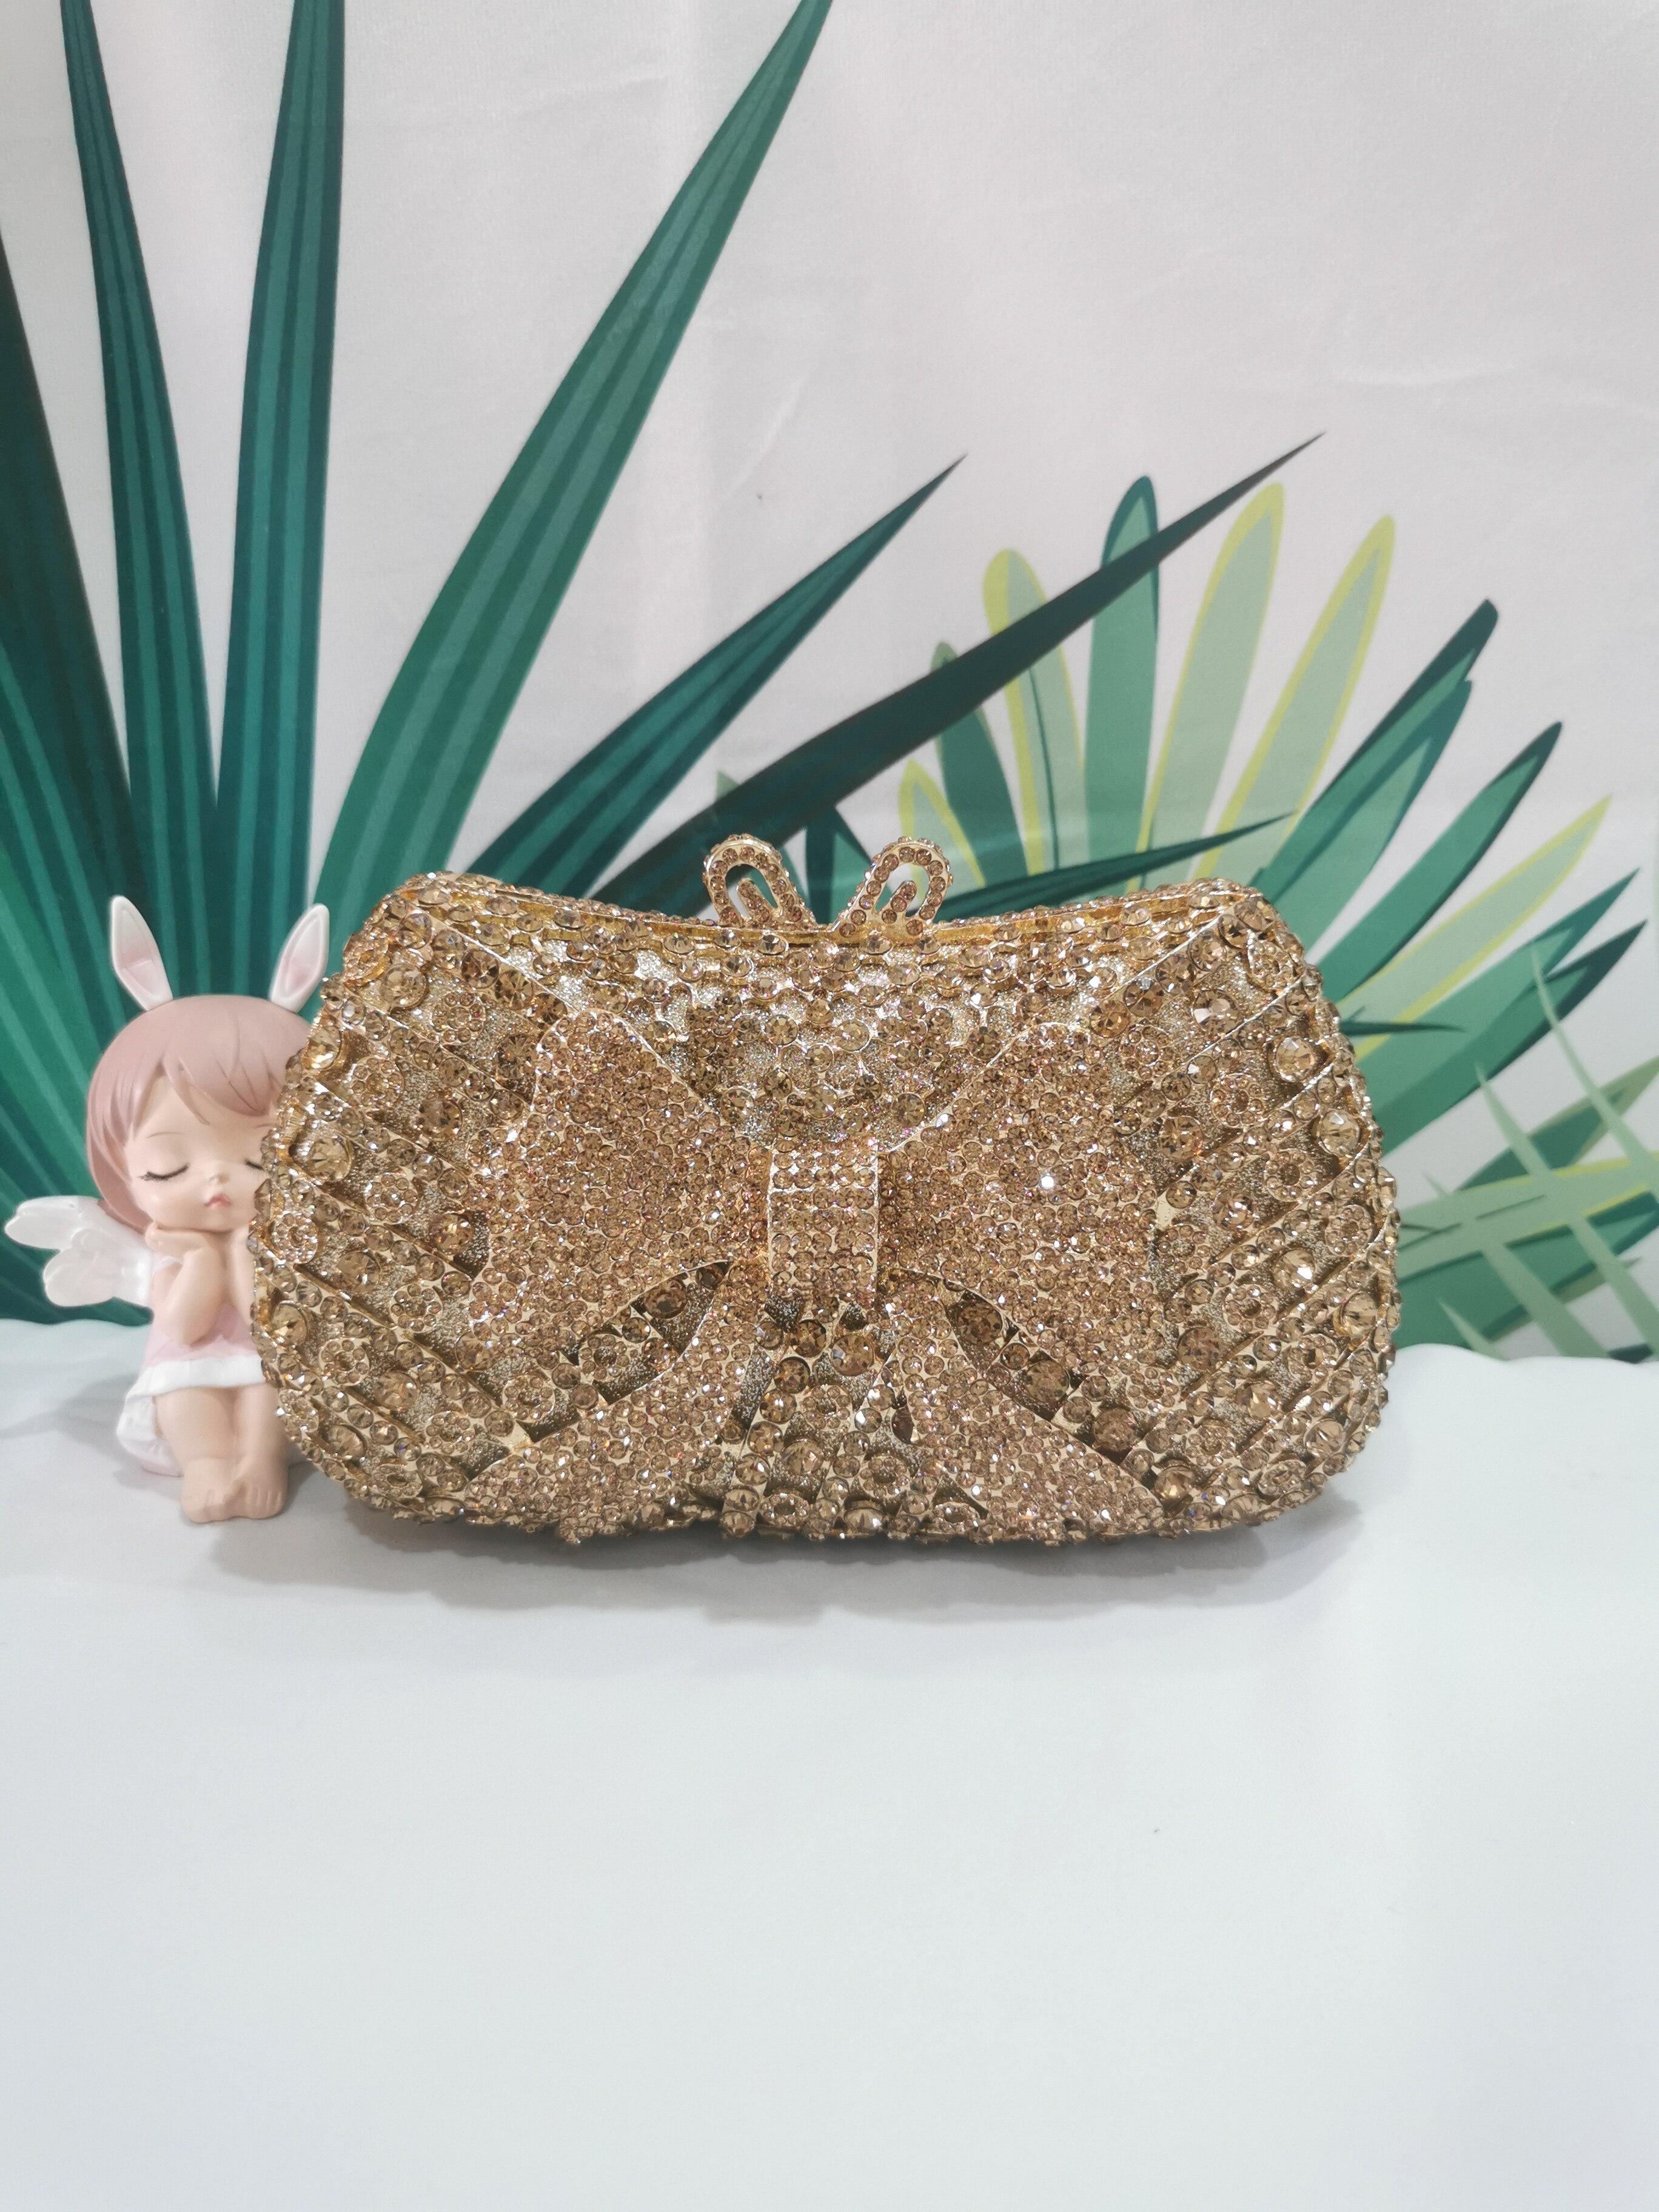 الذهب اللون القوس أنيقة الإناث ماسك من الكريستال أكياس الماس حفلة موسيقية كوكتيل حقيبة يد رسمية الزفاف الزفاف امرأة حقيبة مسائية